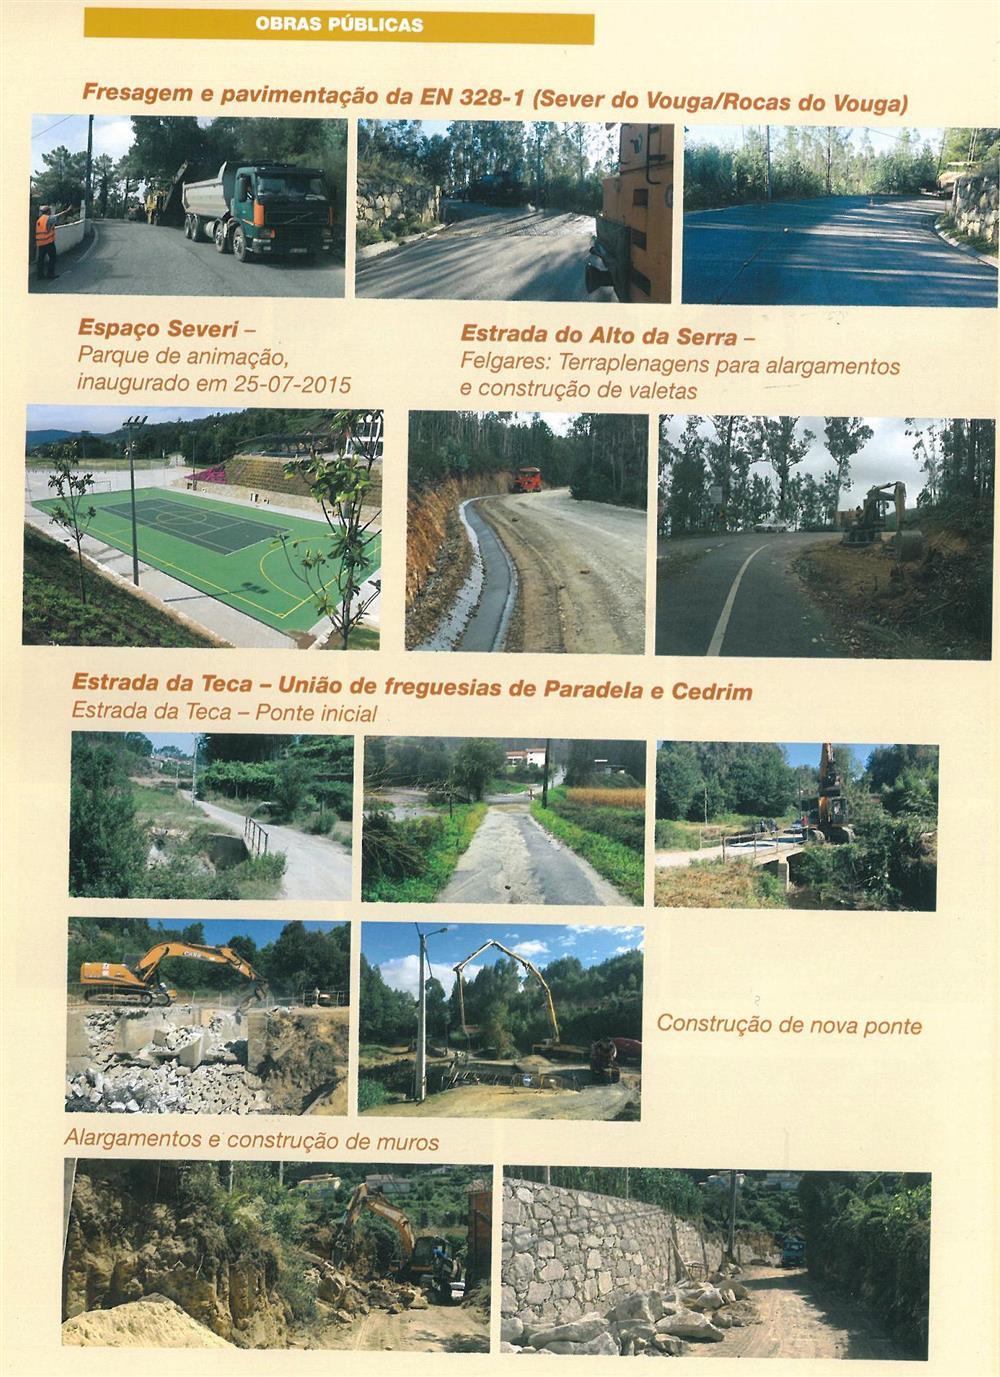 BoletimMunicipal-n.º32-nov.'15-p.52-Obras públicas [2.ª parte de oito].jpg